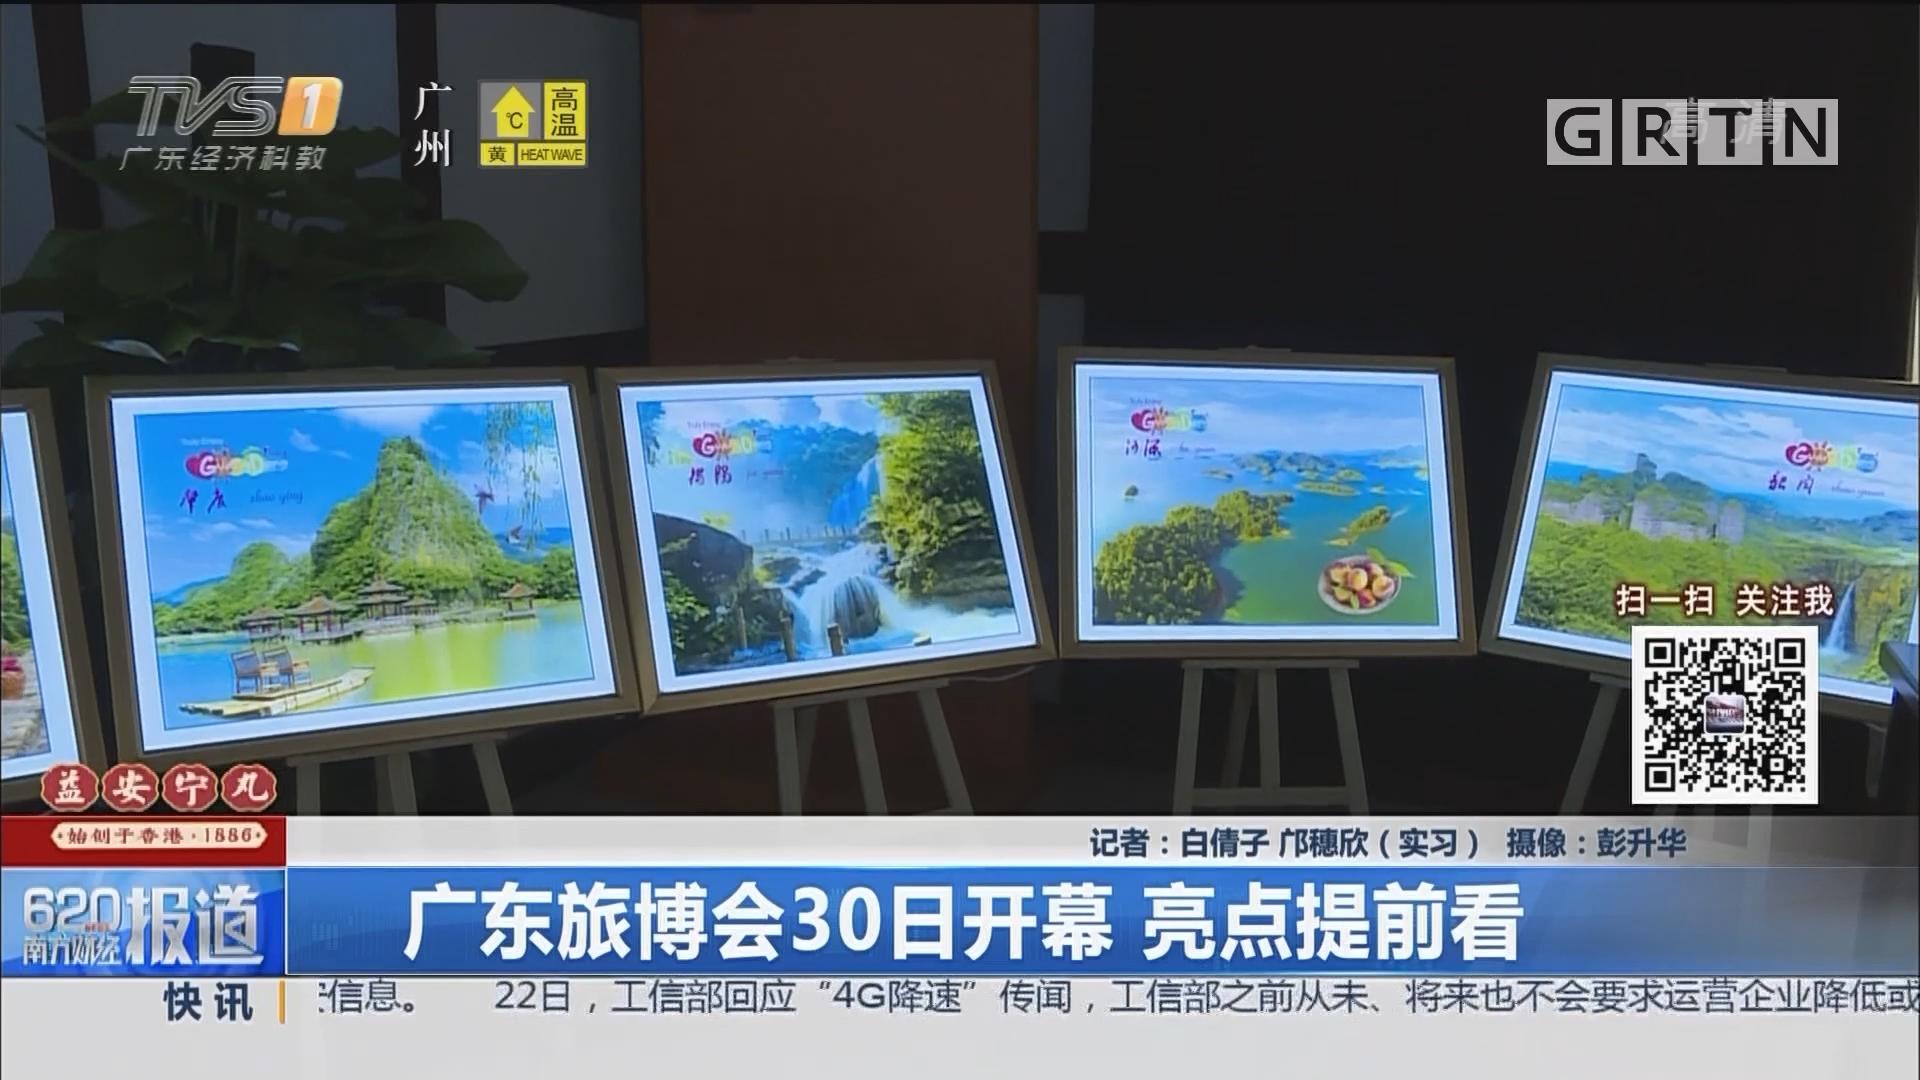 广东旅博会30日开幕 亮点提前看